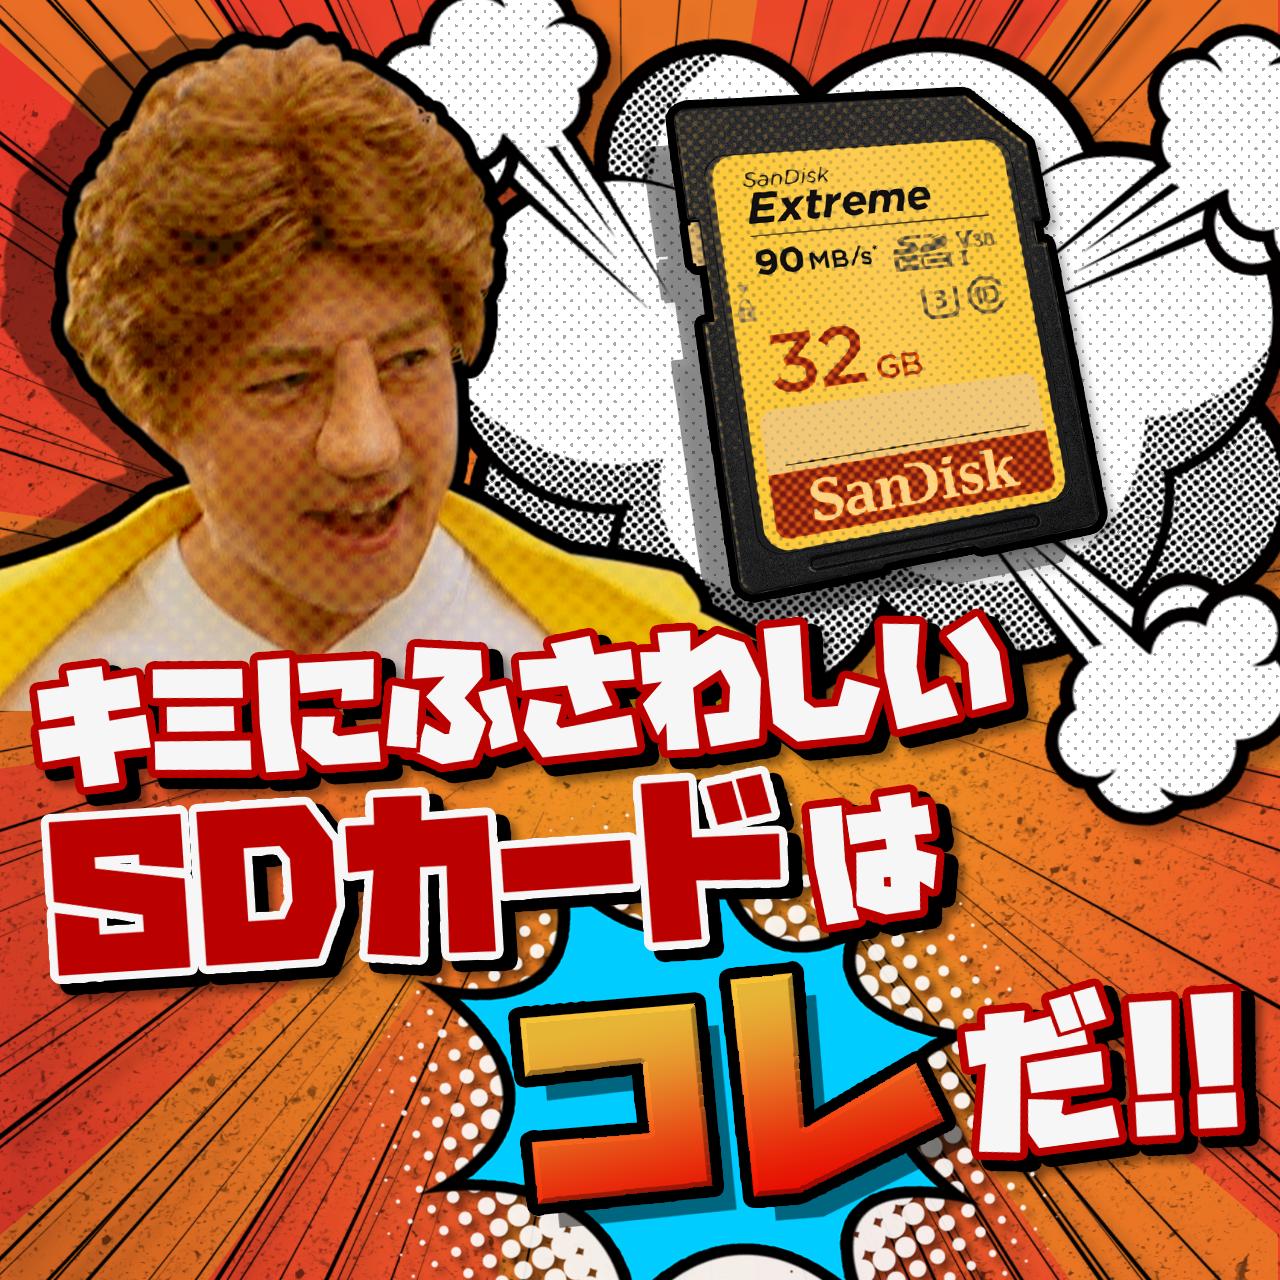 """""""モーリー&キャサリン""""のSDカード選び ~押さえておきたい2つのポイント~"""